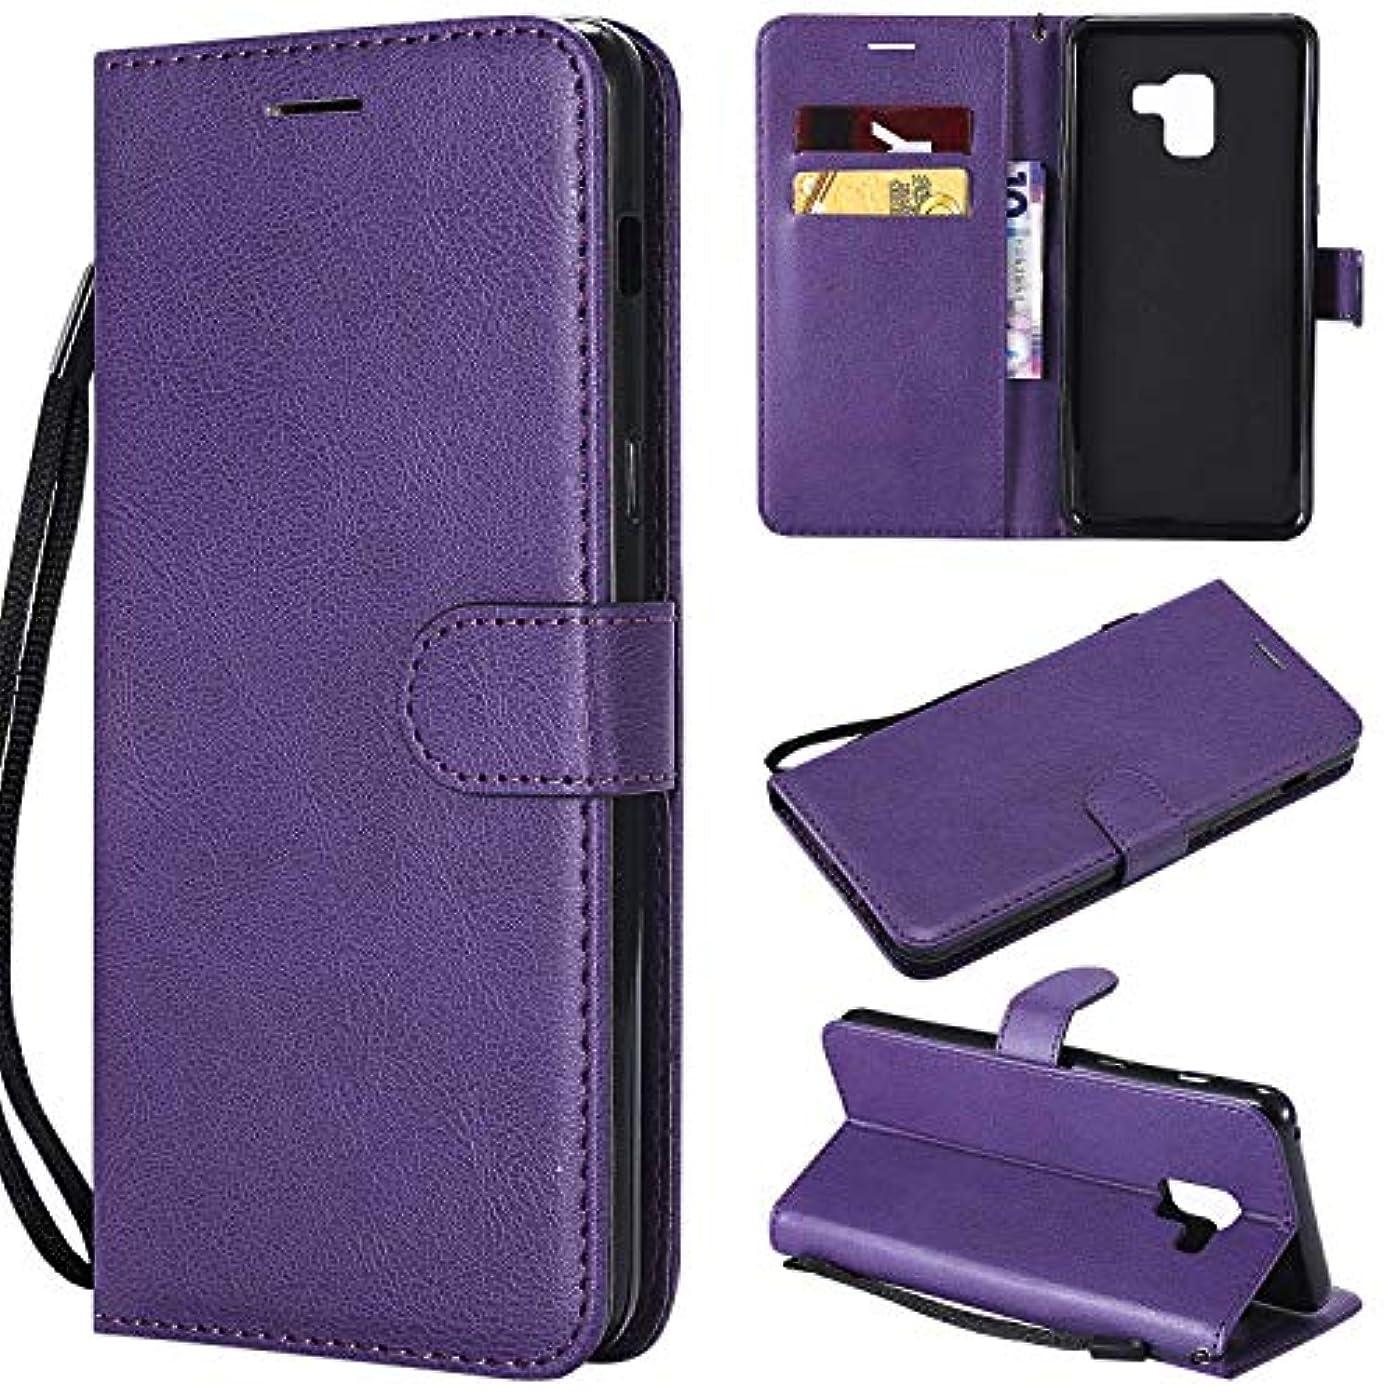 ガードノベルティヒューバートハドソンGalaxy A8 Plus ケース手帳型 OMATENTI レザー 革 薄型 手帳型カバー カード入れ スタンド機能 サムスン Galaxy A8 Plus おしゃれ 手帳ケース (5-パープル)